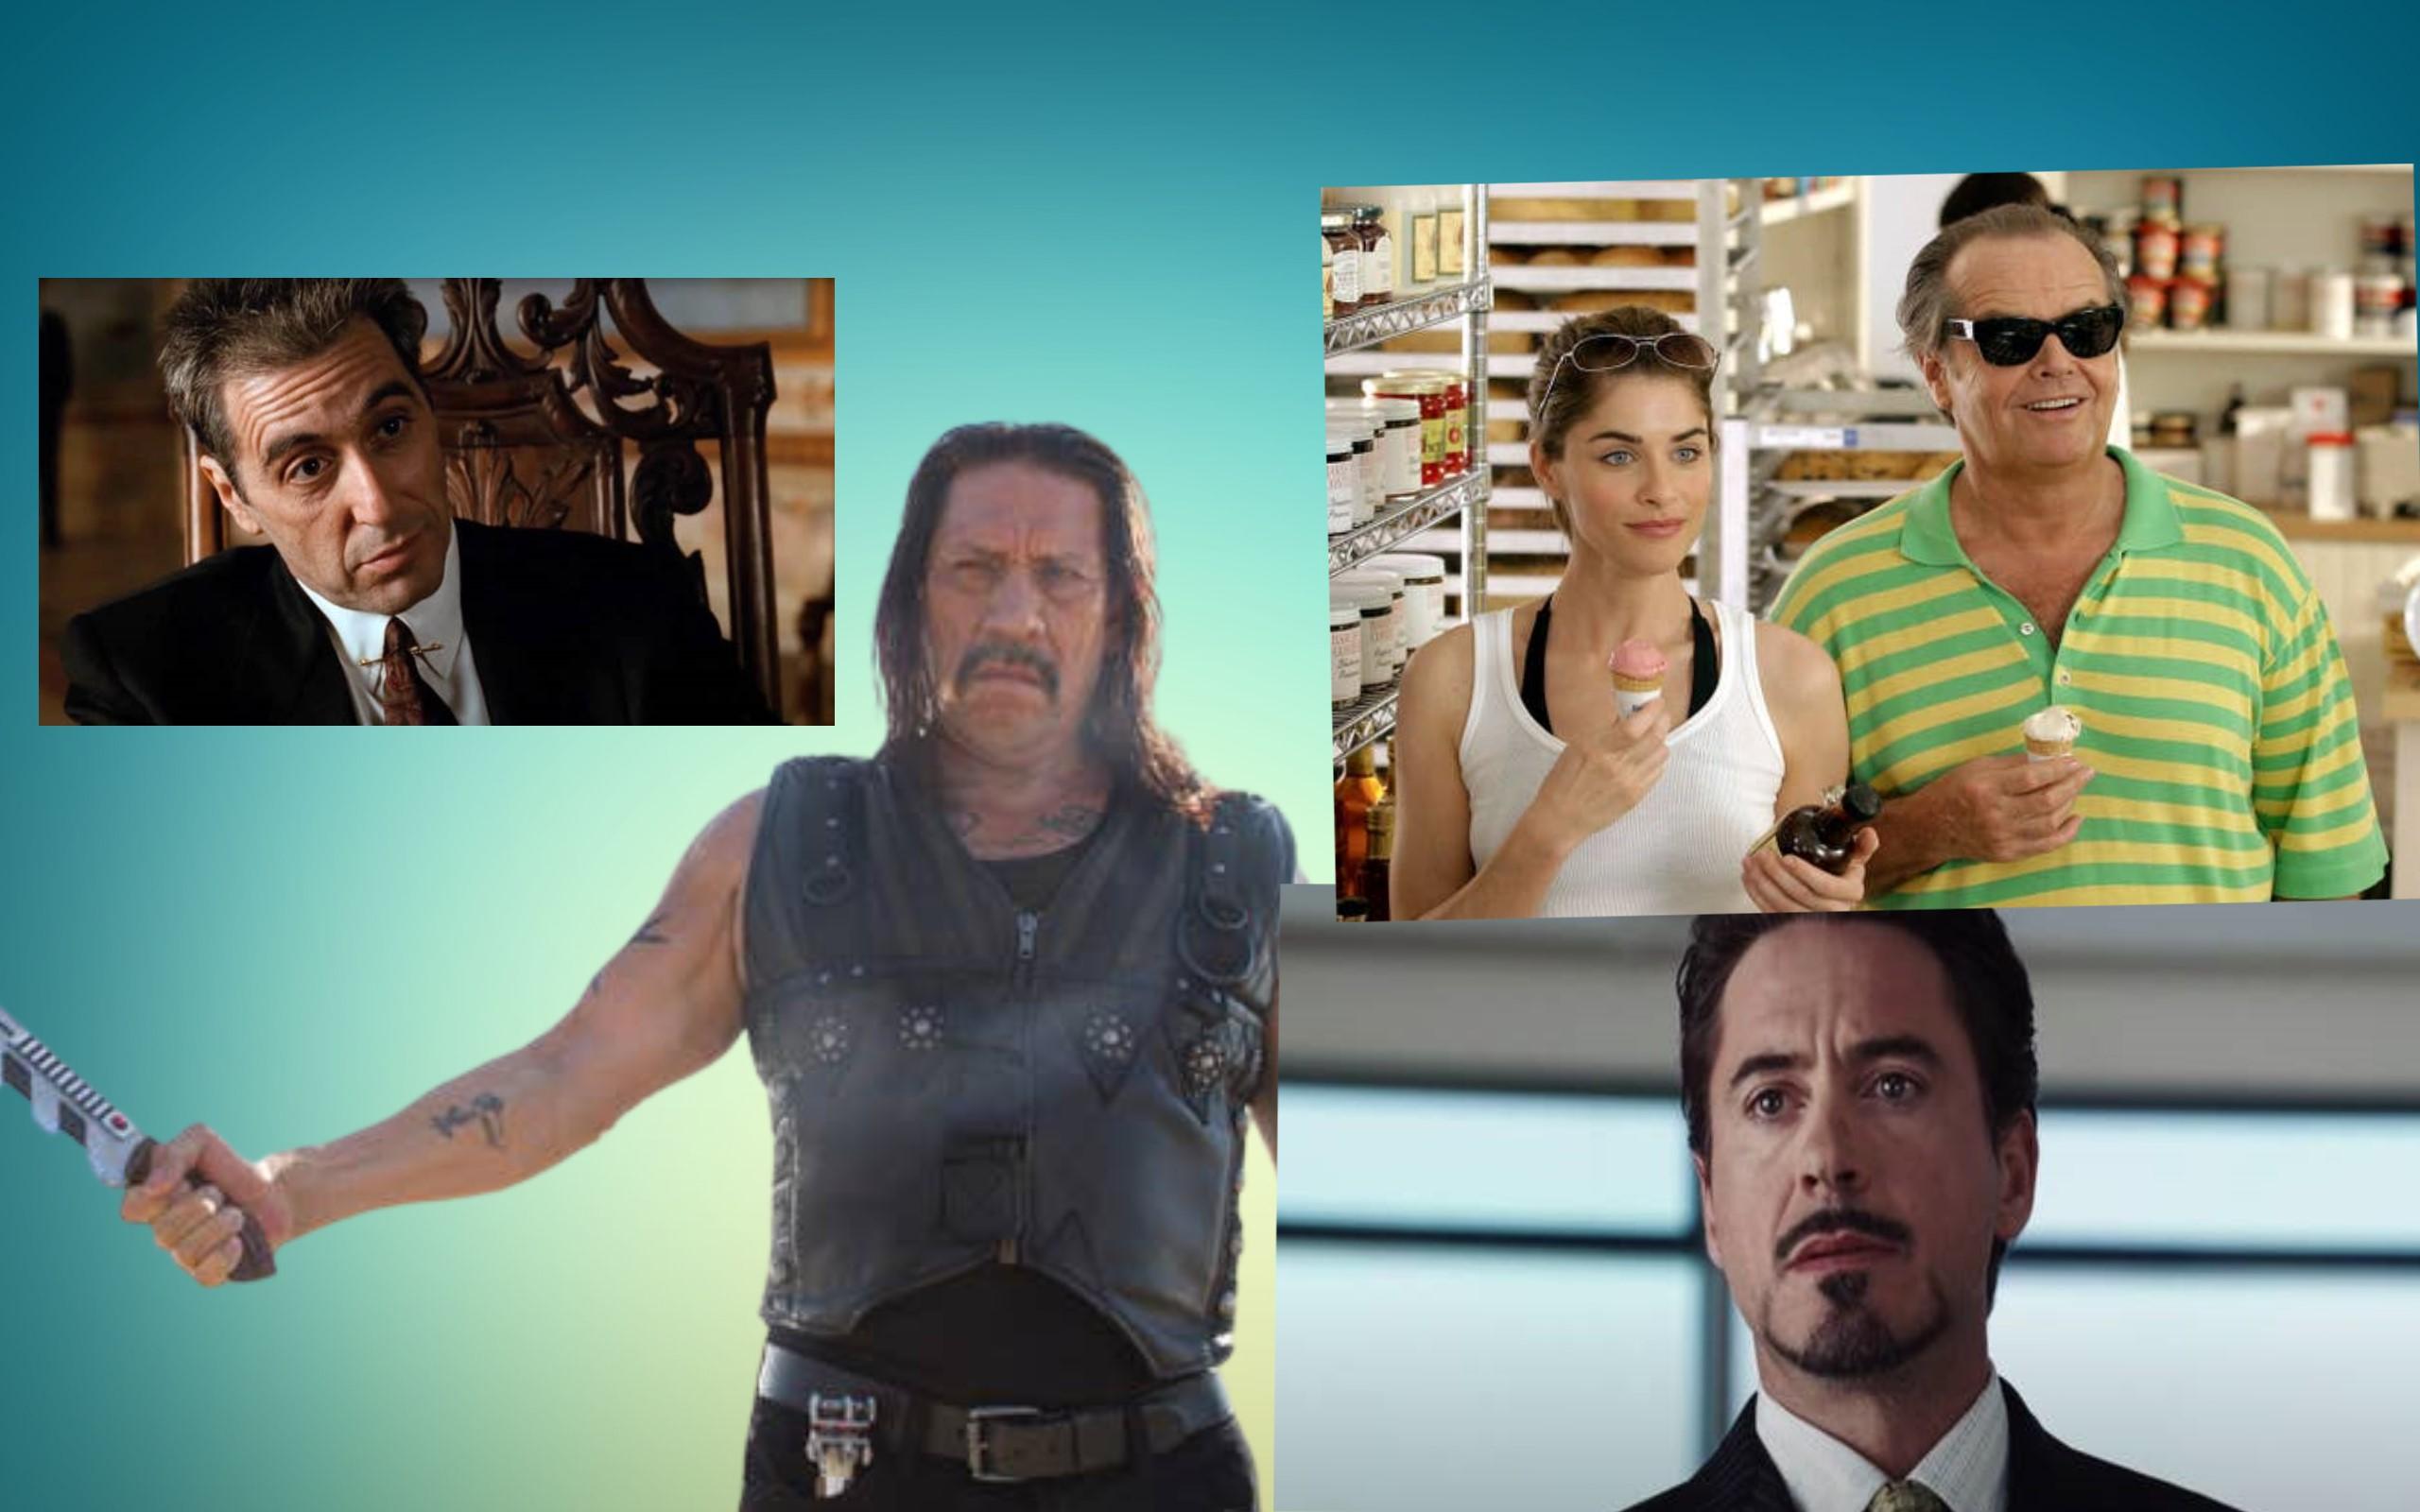 19 актеров Голливуда, которые постоянно играют практически одних и тех же персонажей